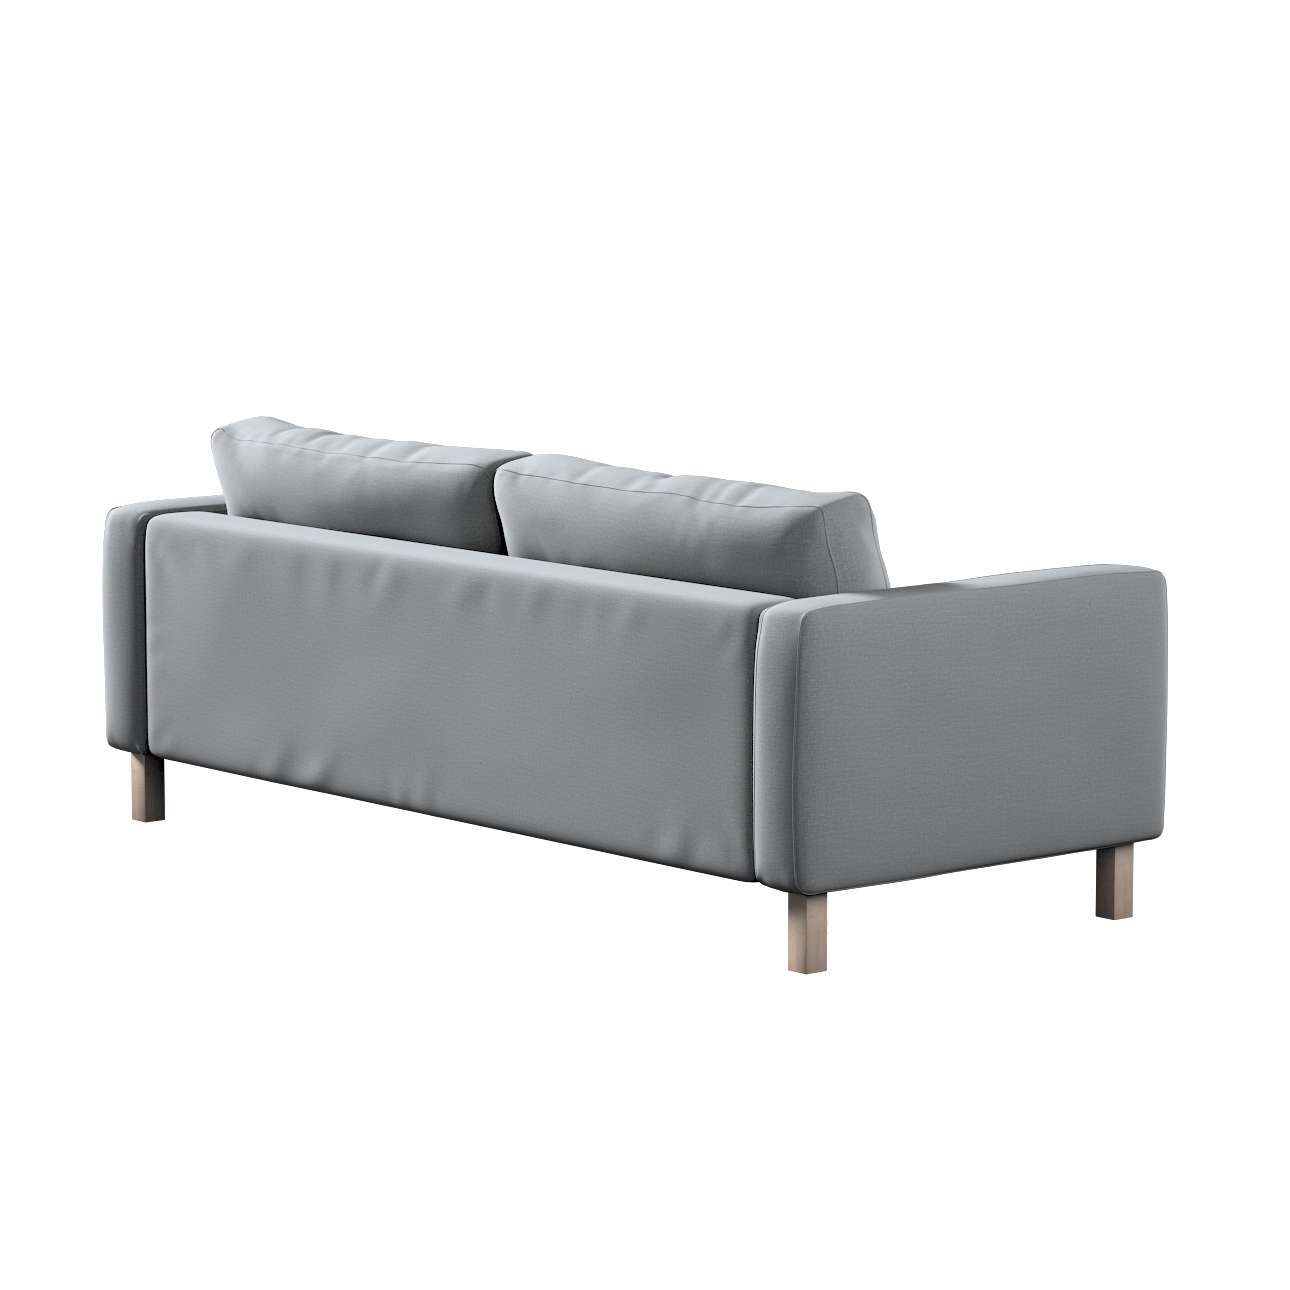 Karlstad 3-Sitzer Sofabezug nicht ausklappbar kurz von der Kollektion Ingrid, Stoff: 705-42